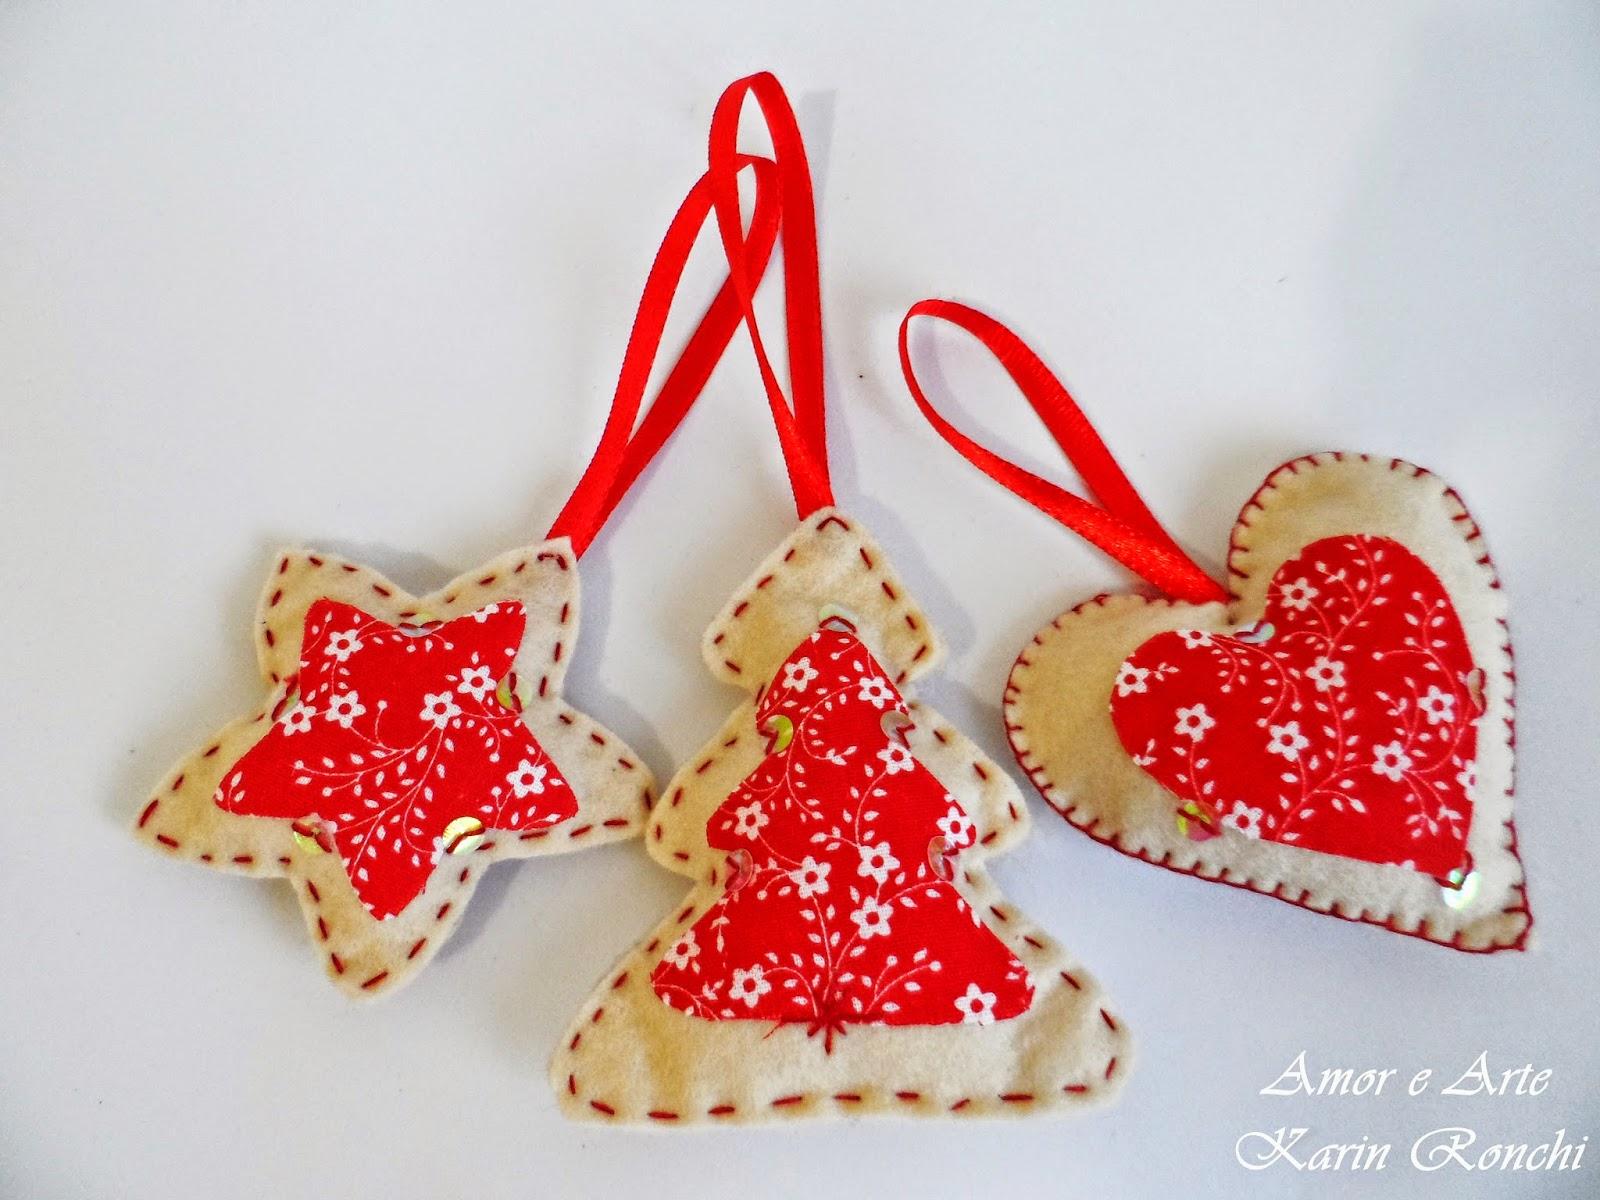 Ornamentos natalinos em feltro - creme e vermelho